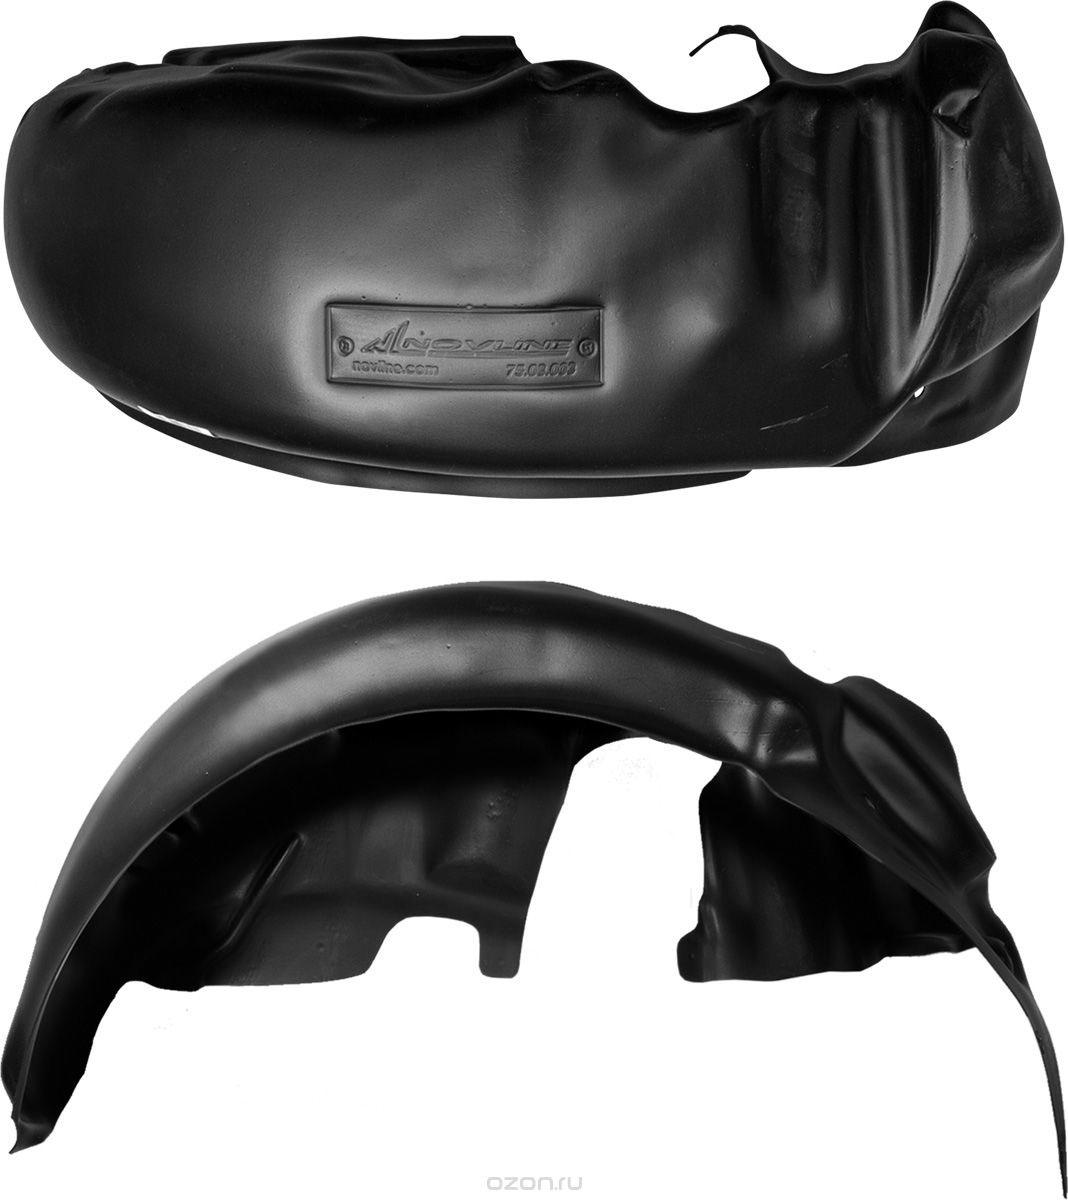 Подкрылок Novline-Autofamily, для Toyota Highlander, 2010-2013, задний правыйNLL.48.50.004Идеальная защита колесной ниши. Локеры разработаны с применением цифровых технологий, гарантируют максимальную повторяемость поверхности арки. Изделия устанавливаются без нарушения лакокрасочного покрытия автомобиля, каждый подкрылок комплектуется крепежом. Уважаемые клиенты, обращаем ваше внимание, что фотографии на подкрылки универсальные и не отражают реальную форму изделия. При этом само изделие идет точно под размер указанного автомобиля.